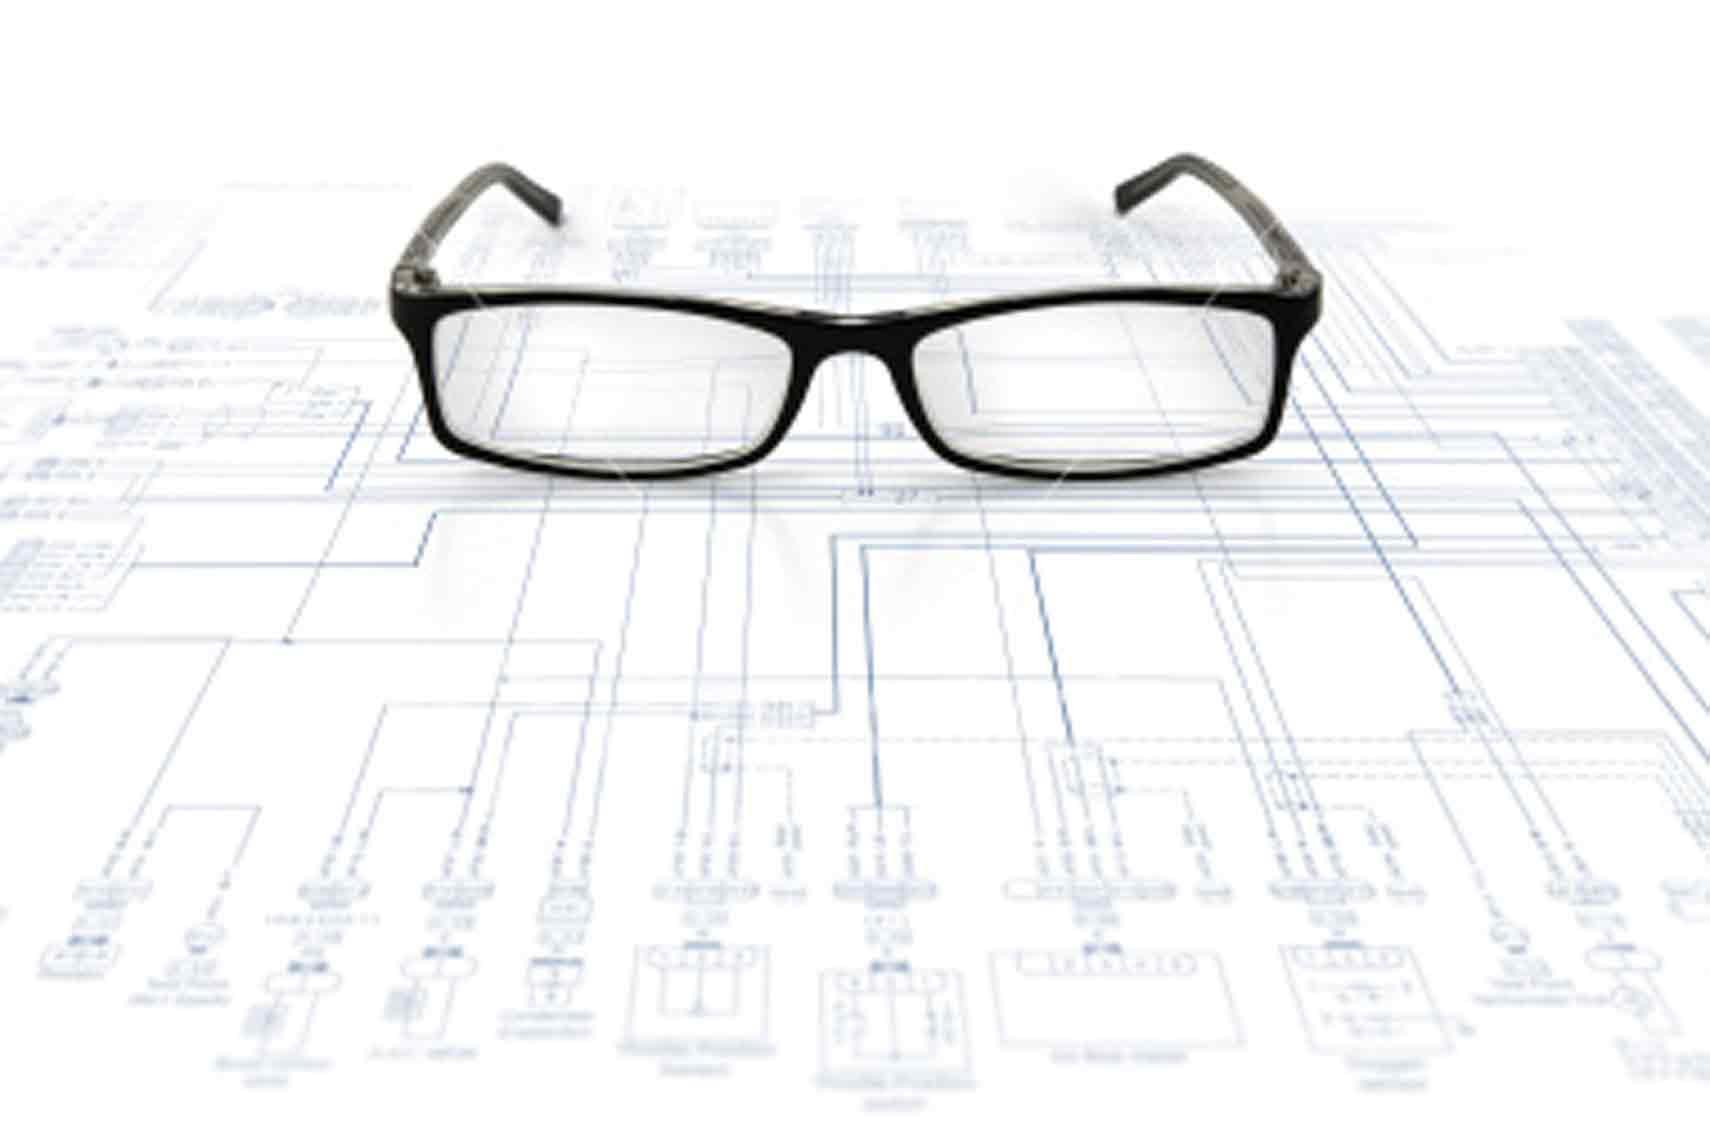 Glasses Frames Diagram : ist2_5483647_glasses_on_diagram